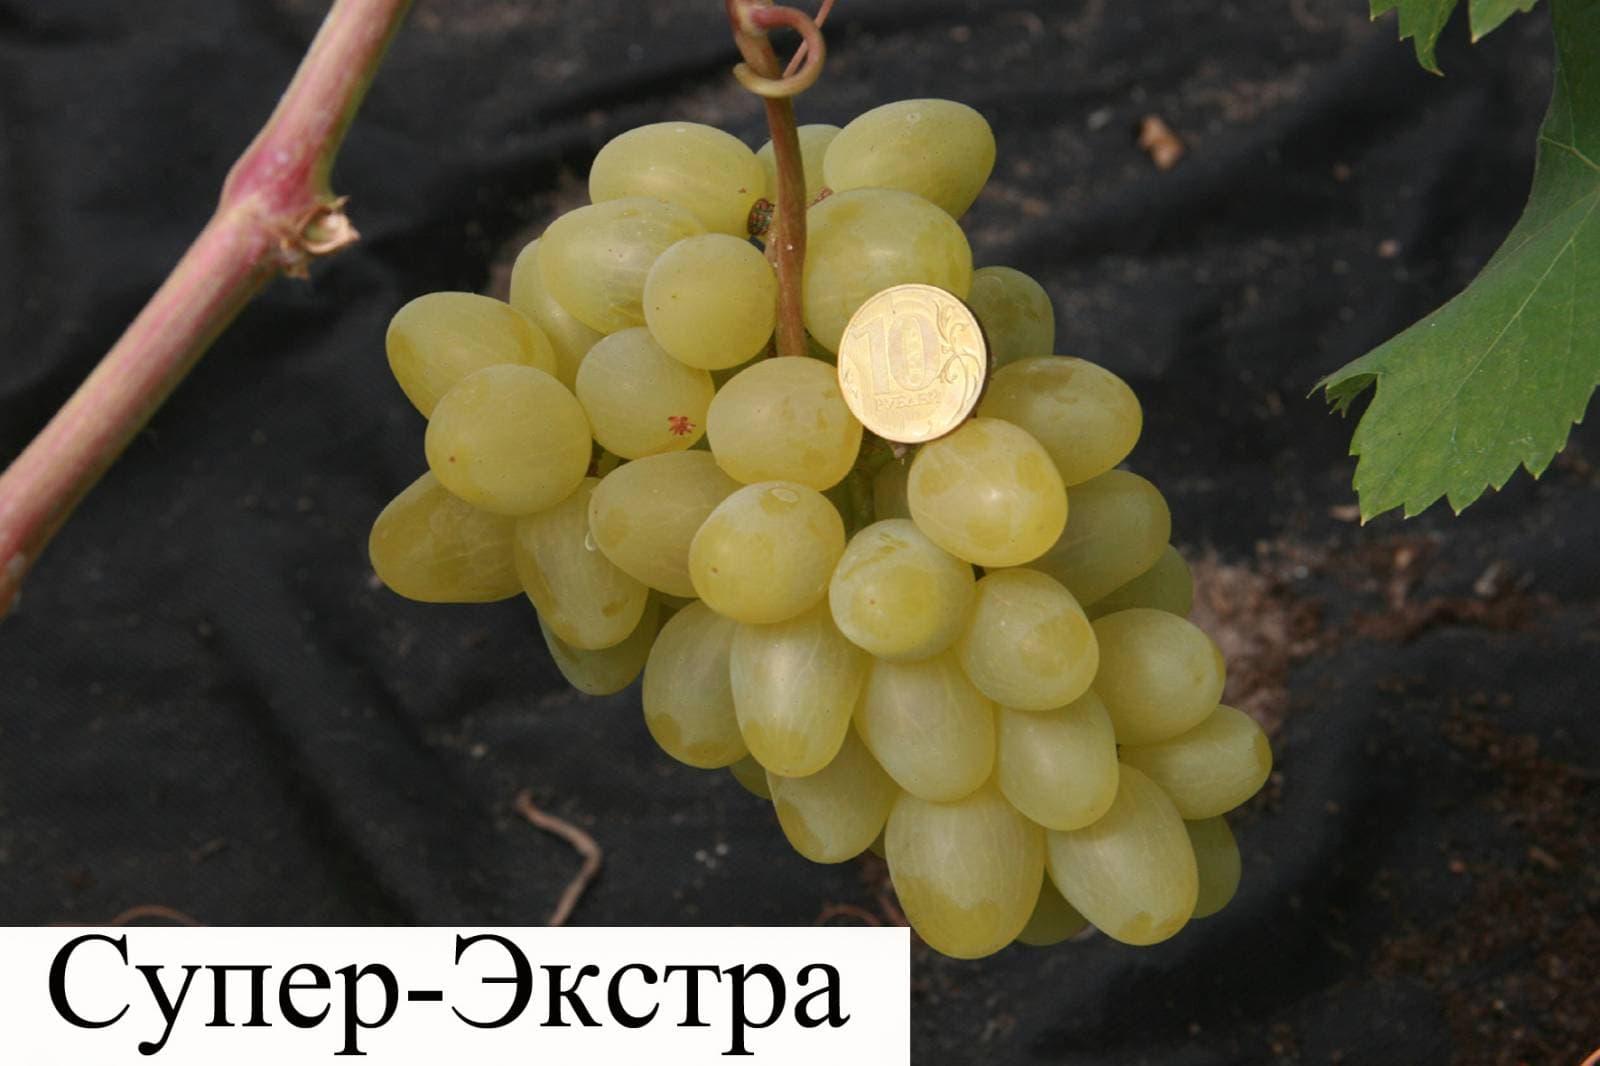 Виноград супер экстра: описание сорта